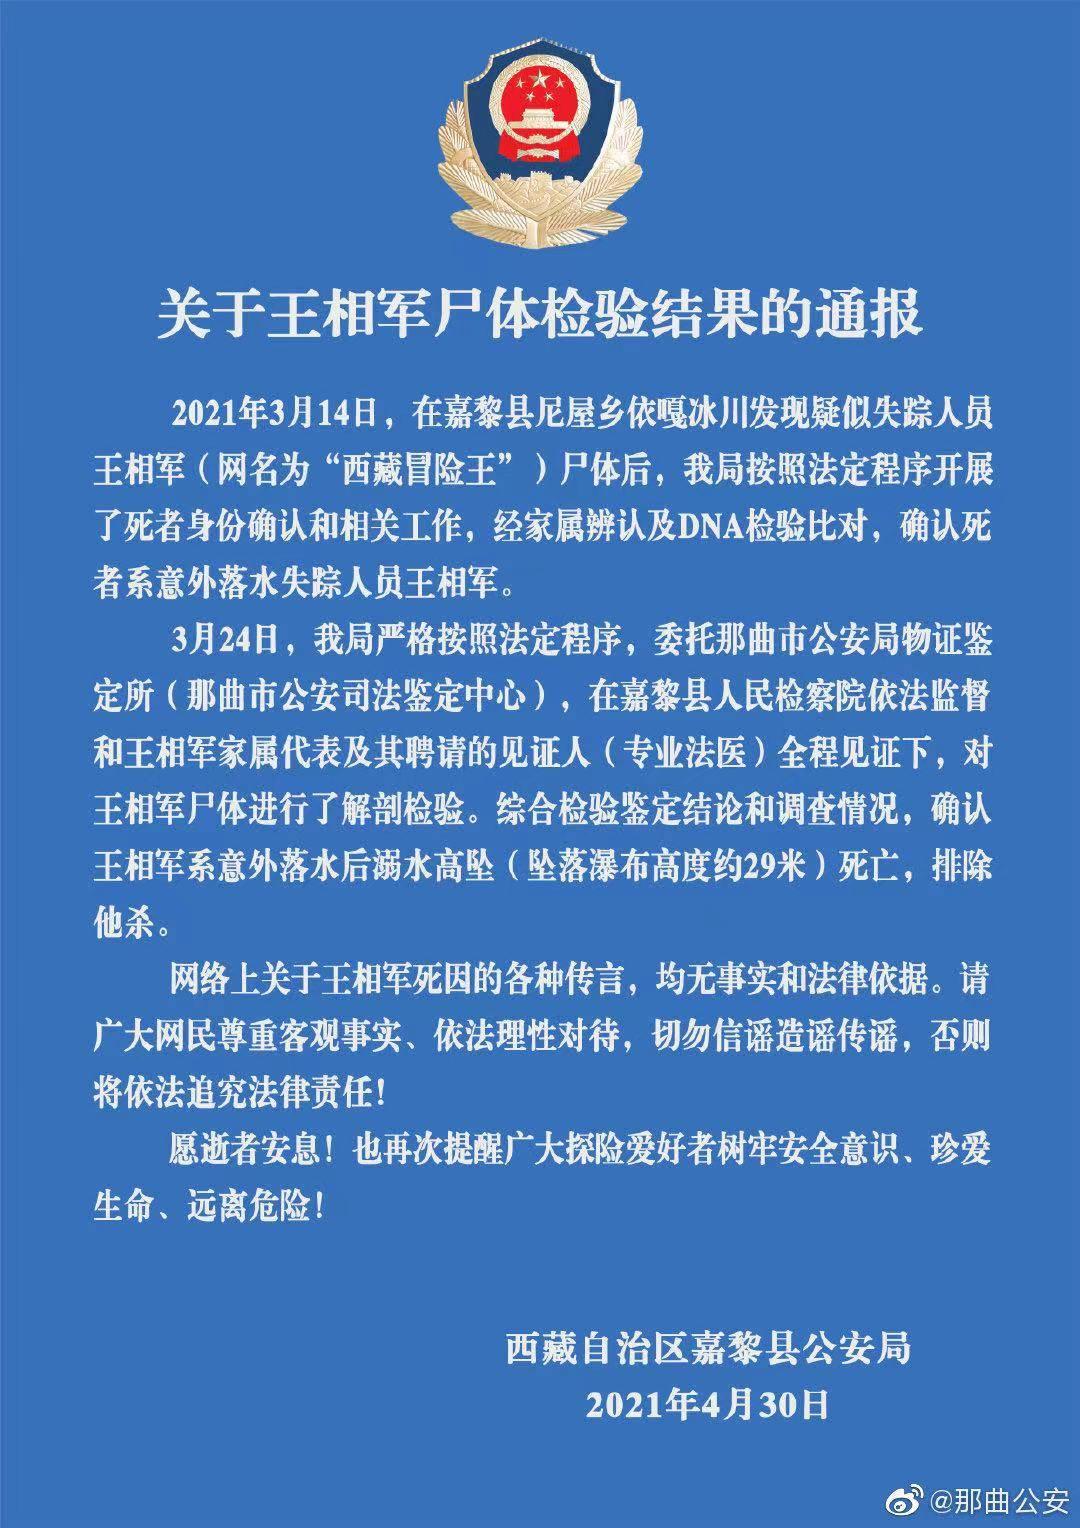 天顺招商-首页【1.1.1】